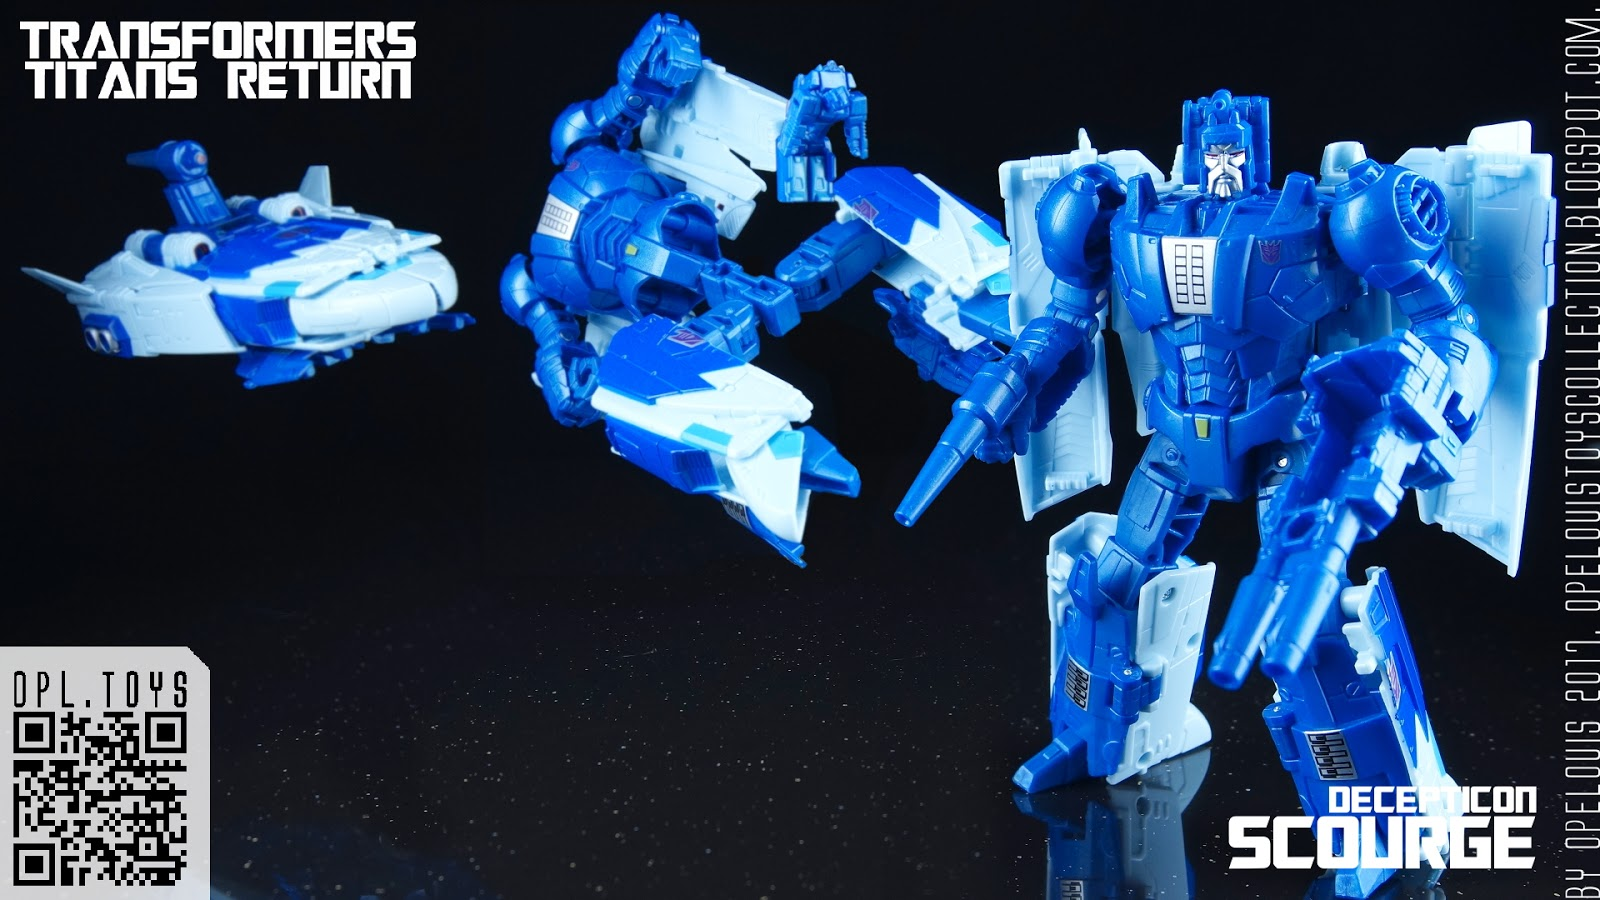 Hasbro Transformers Titans Return Decepticon Scourge